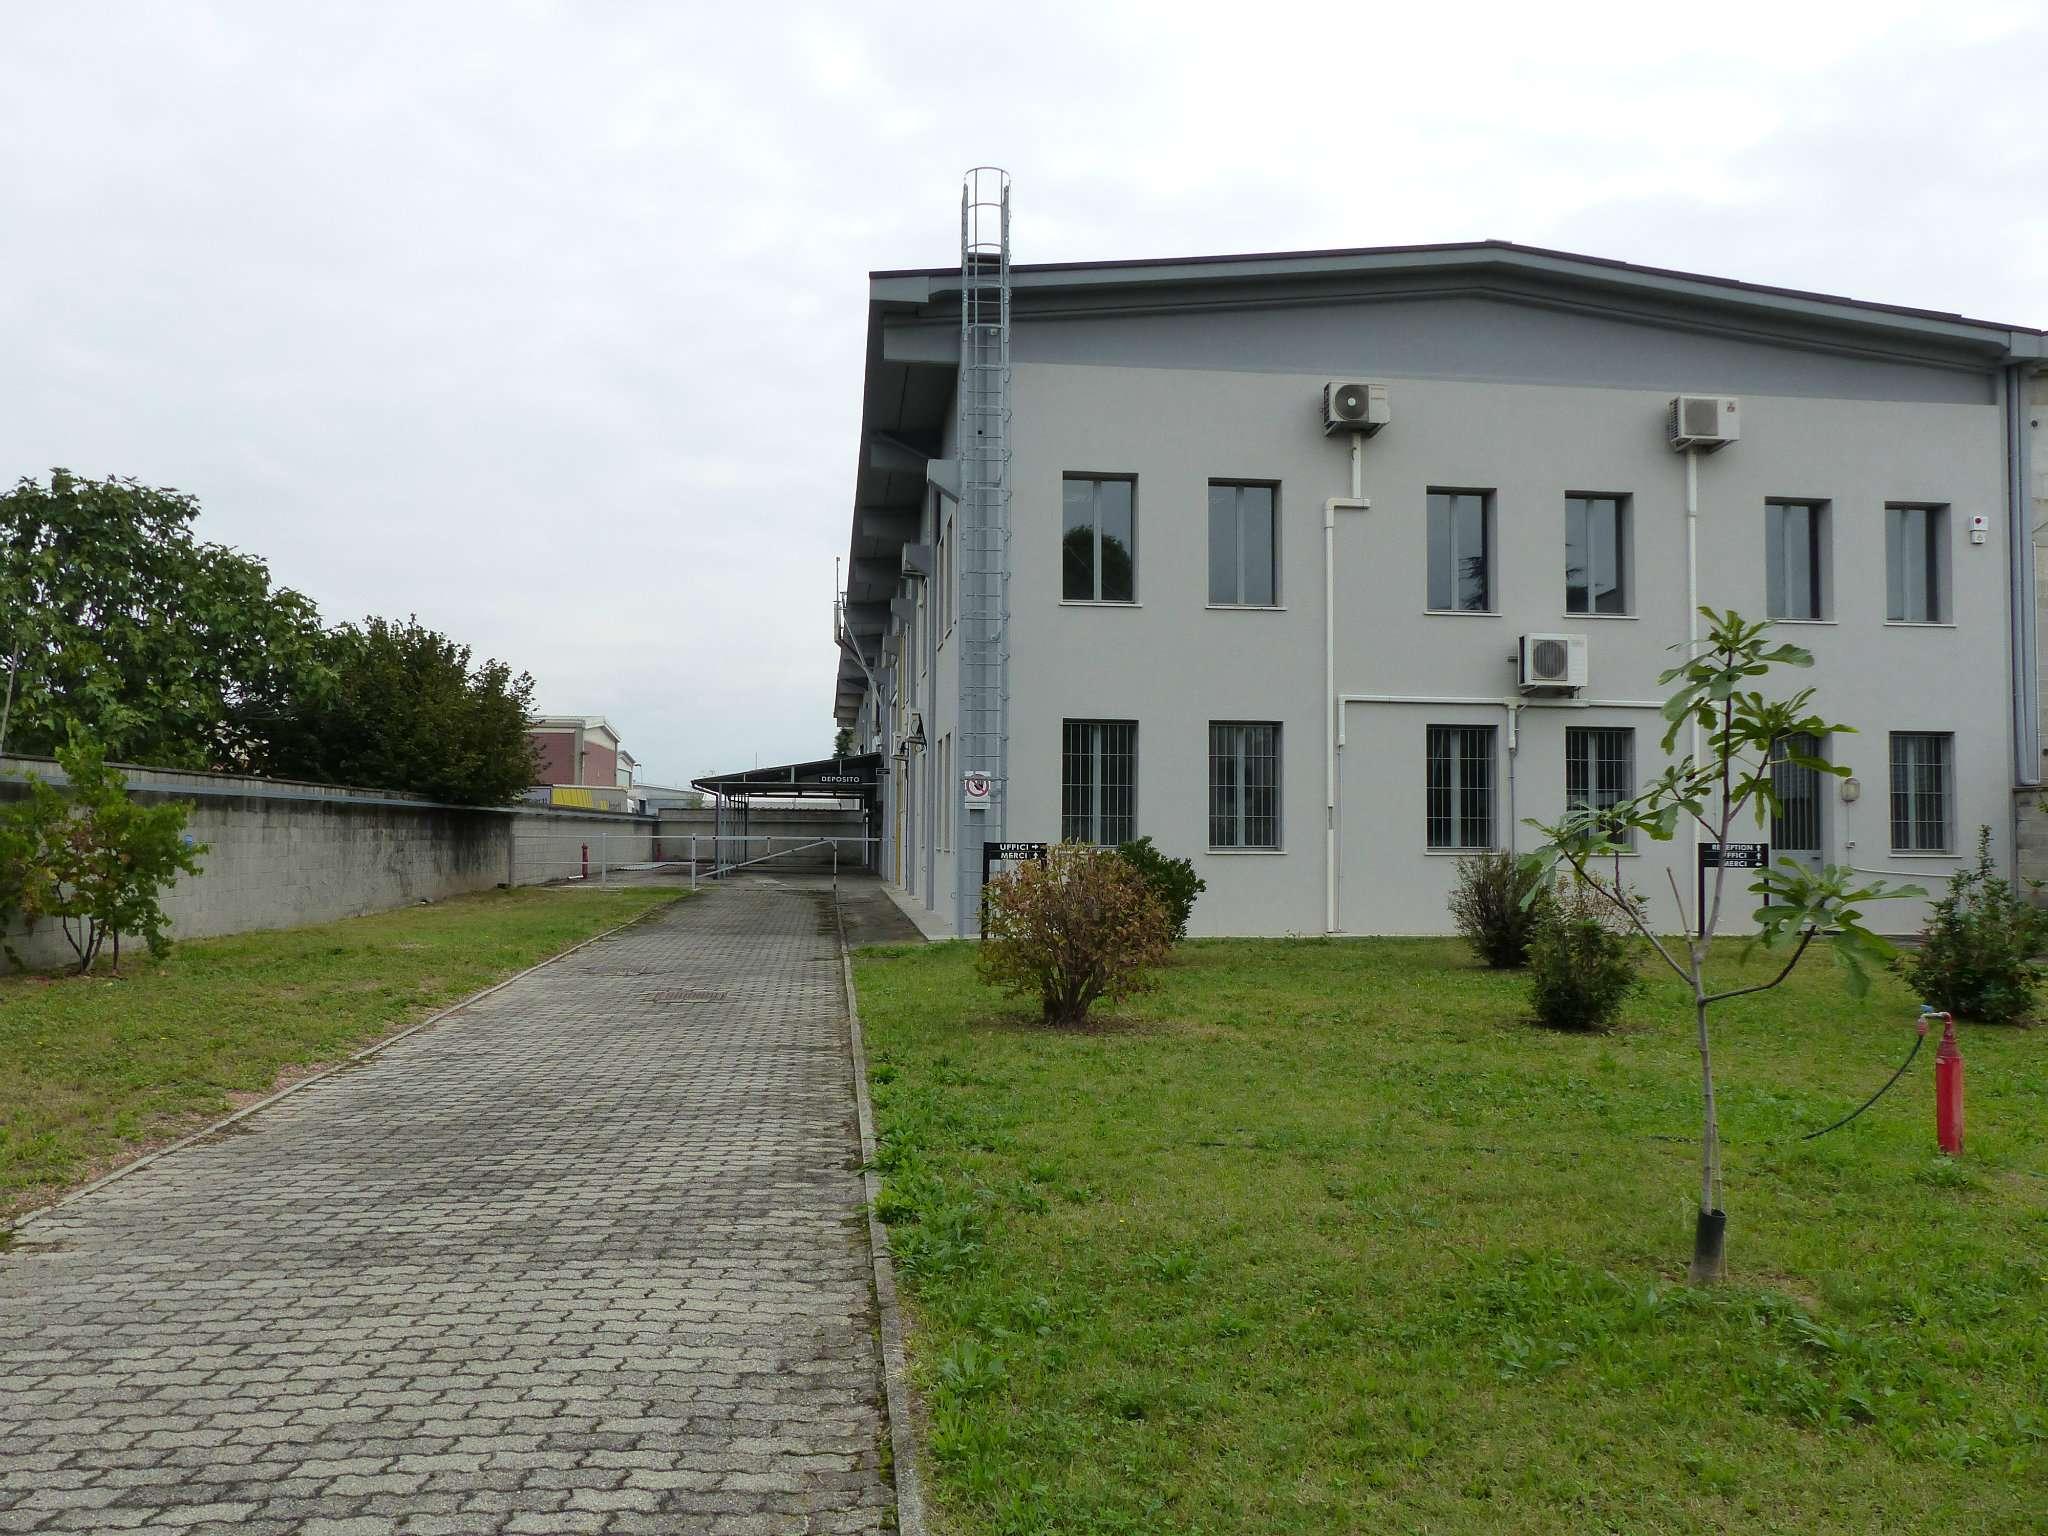 Immobili commerciali in affitto a pessano con bornago for Immobili commerciali affitto roma